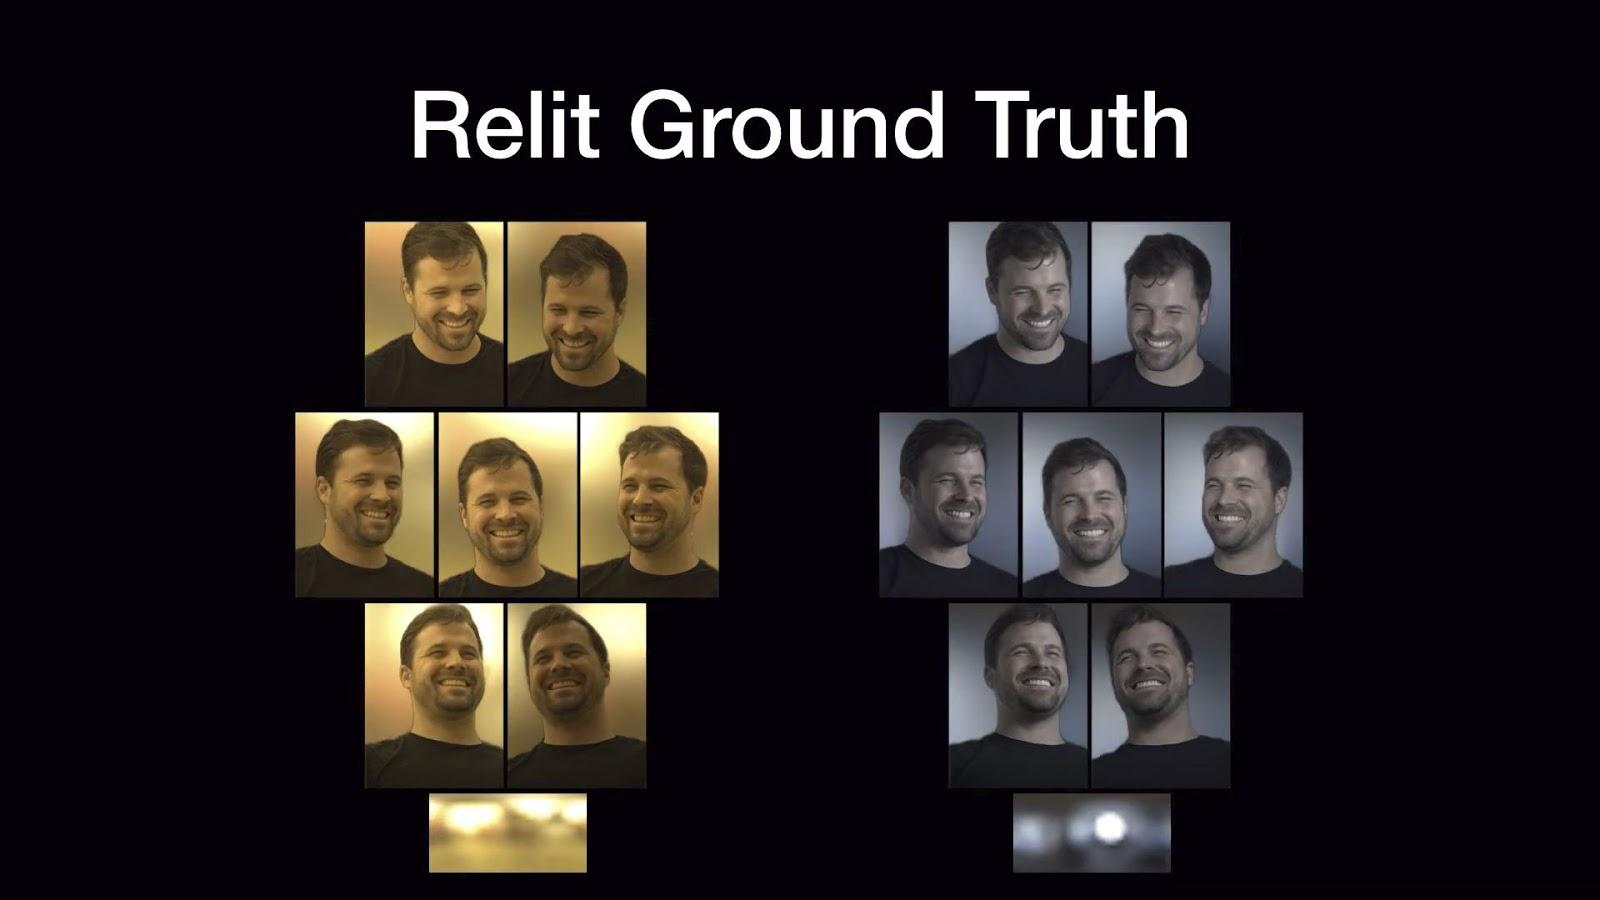 Изменение освещения портрета с помощью нейросети